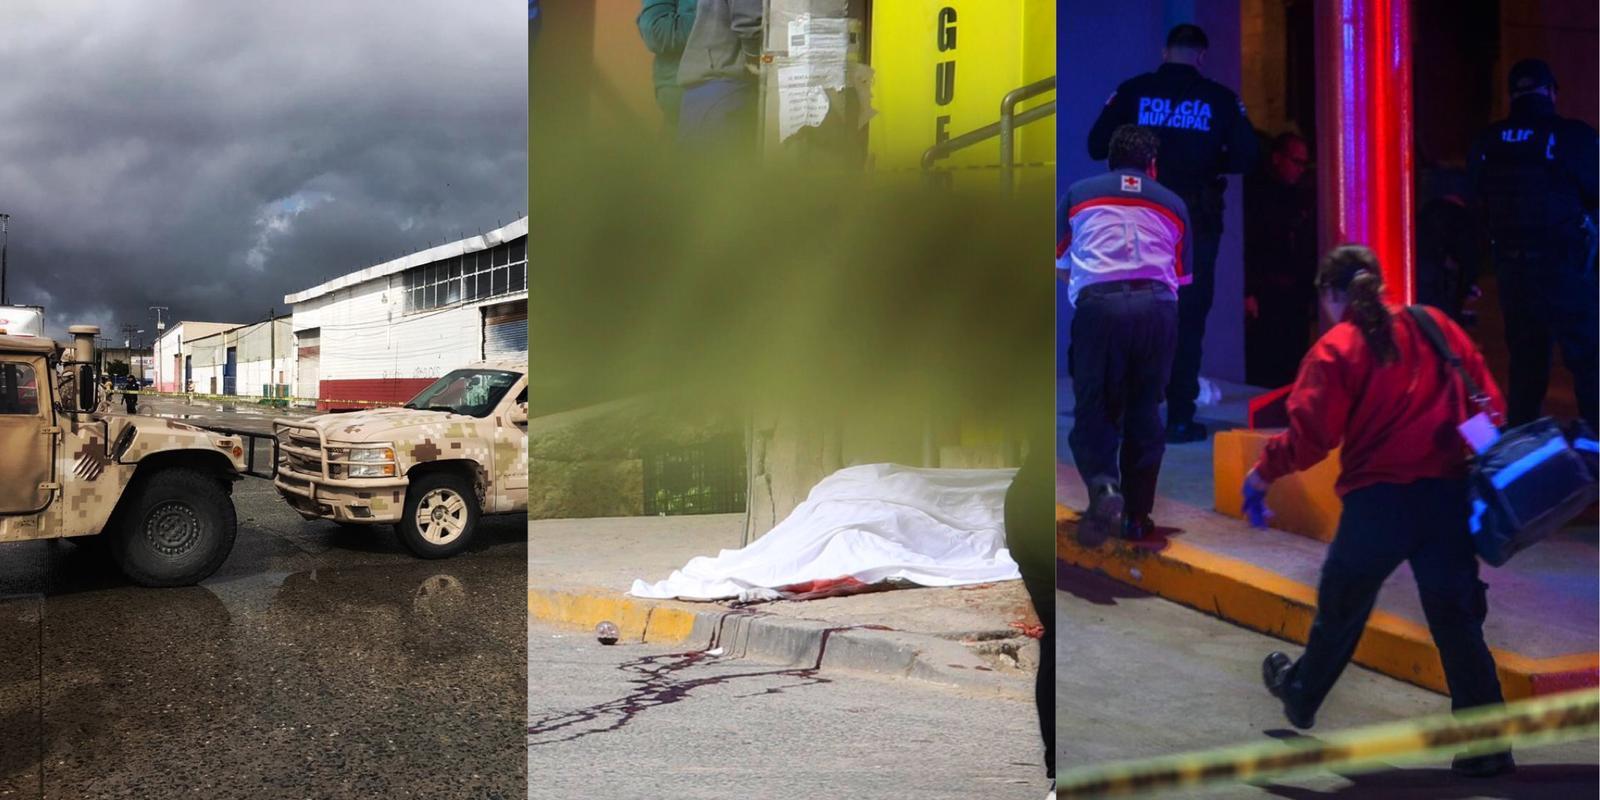 Tijuana en Guerra, la plaza peleada otra vez por el Narco, Chapitos, CJNG, Mayo Zambada